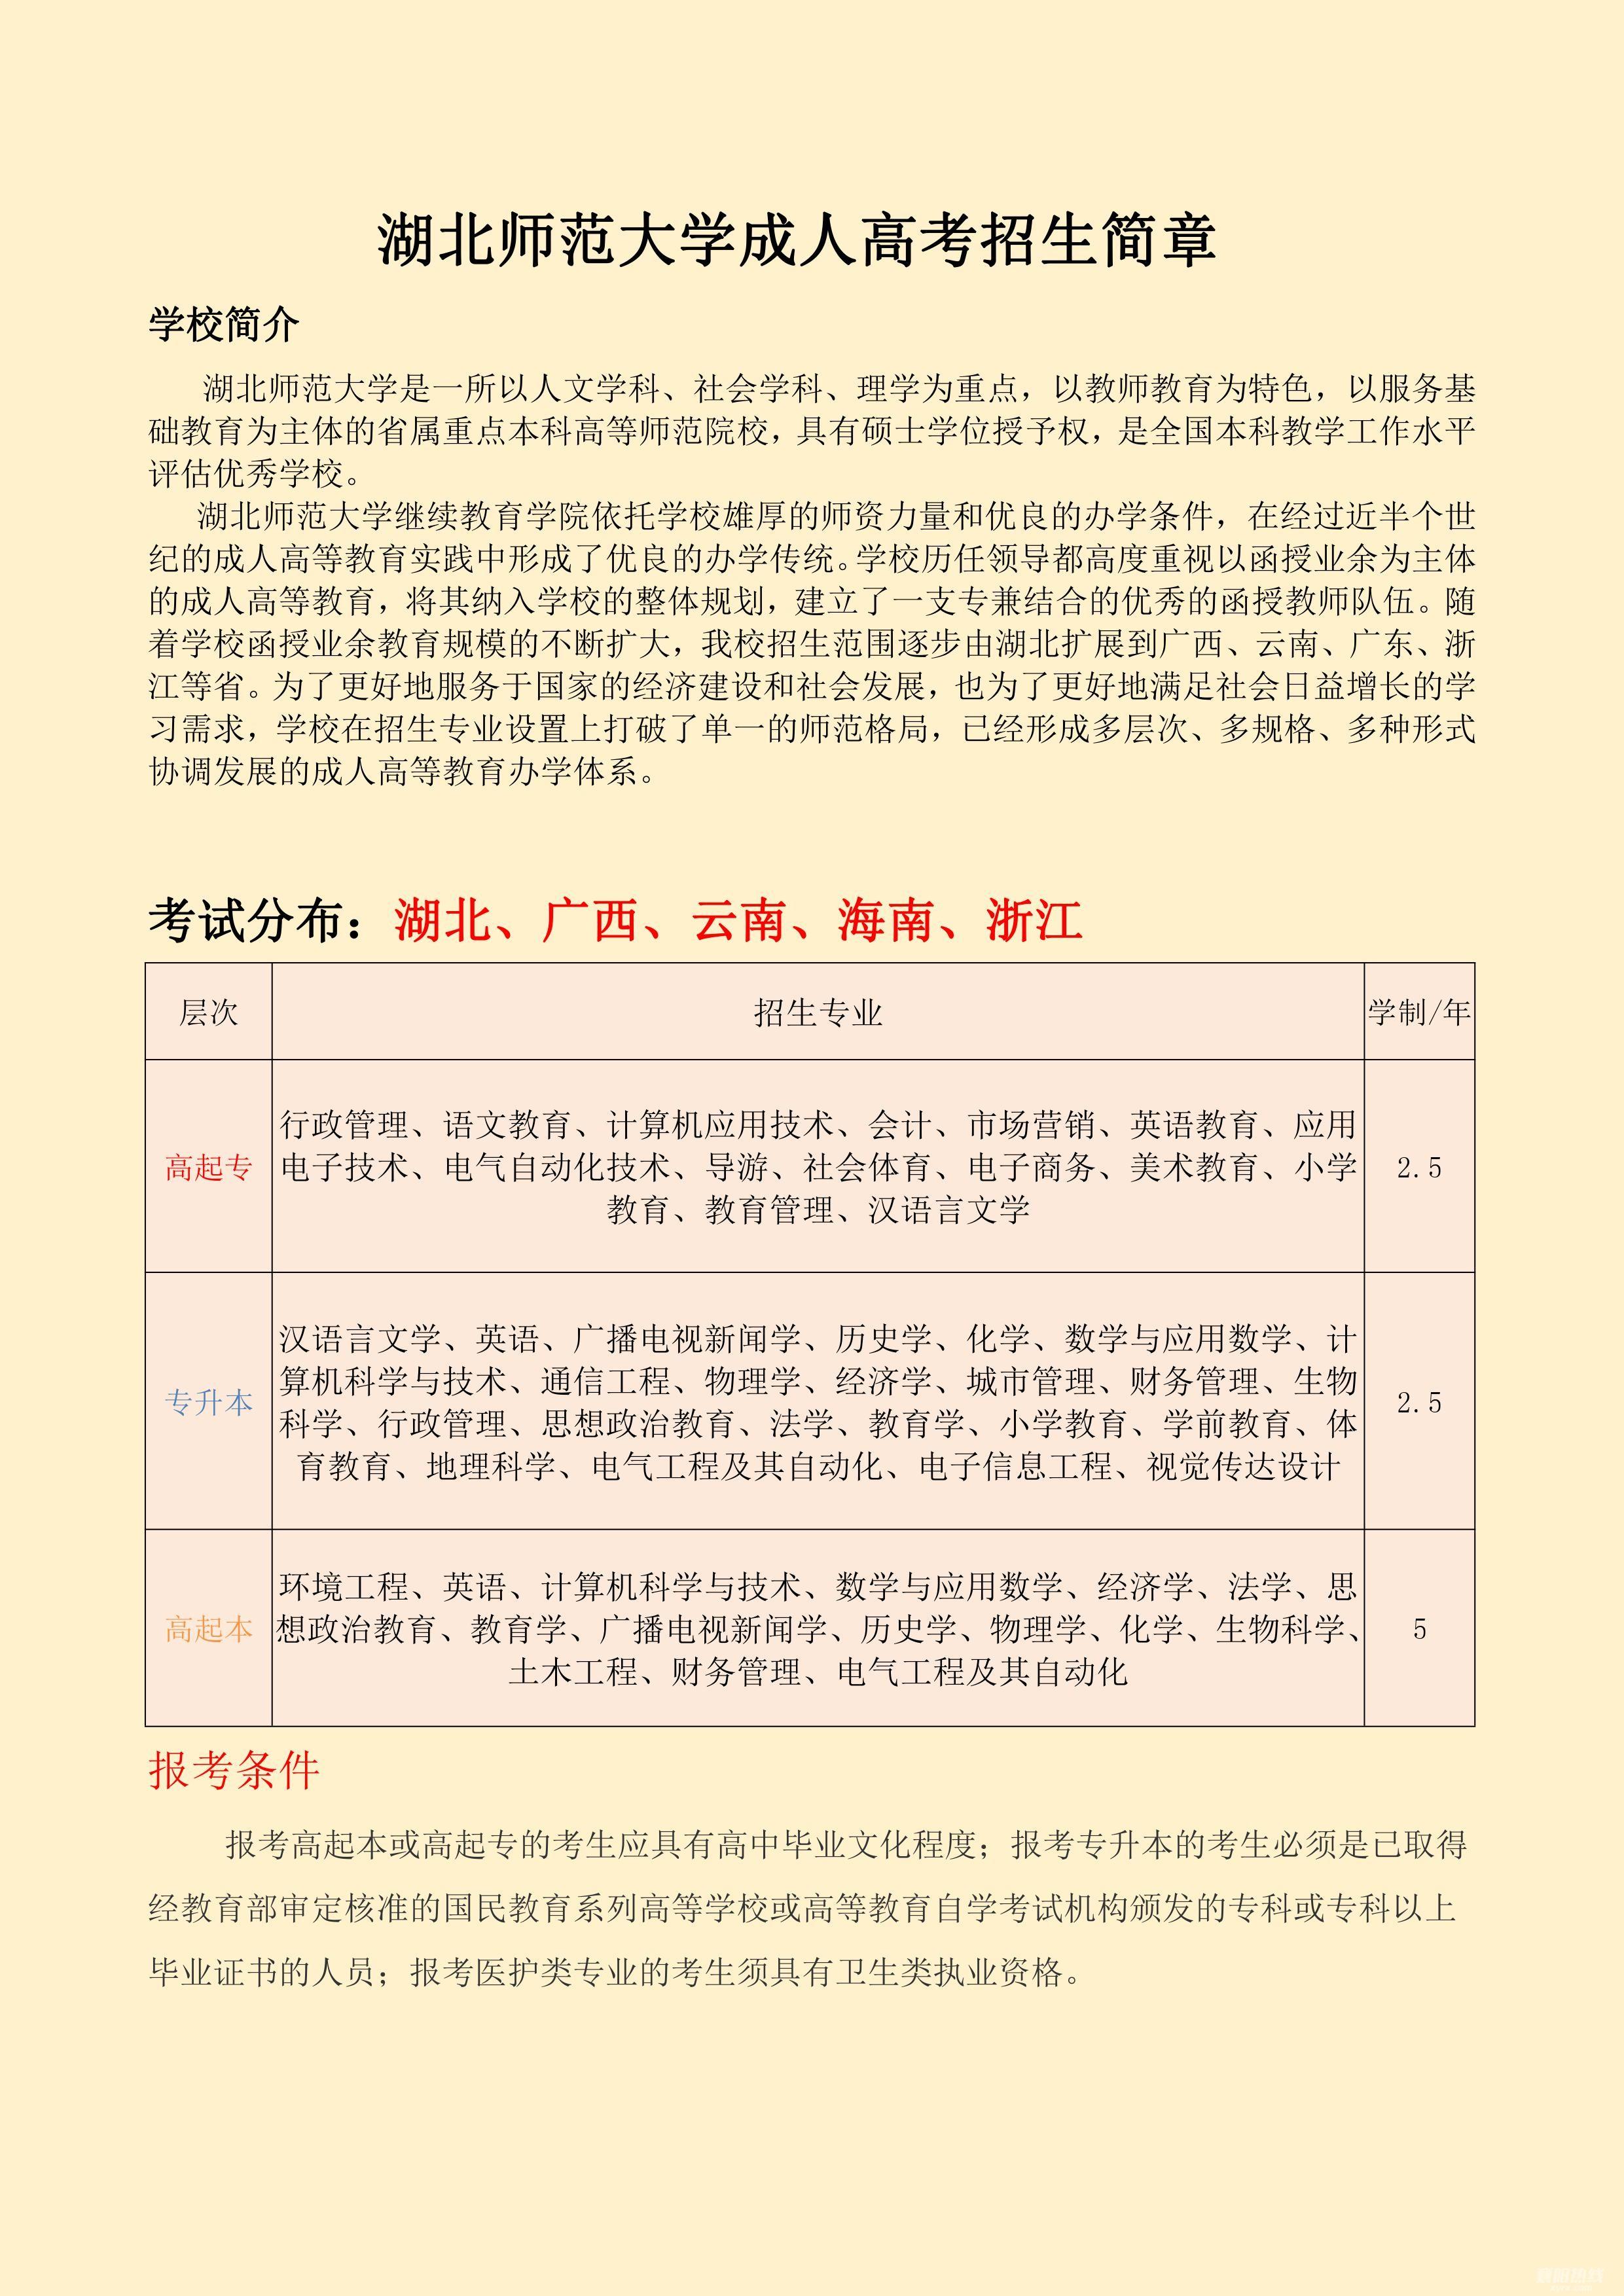 湖北师范大学招生简章1.jpg